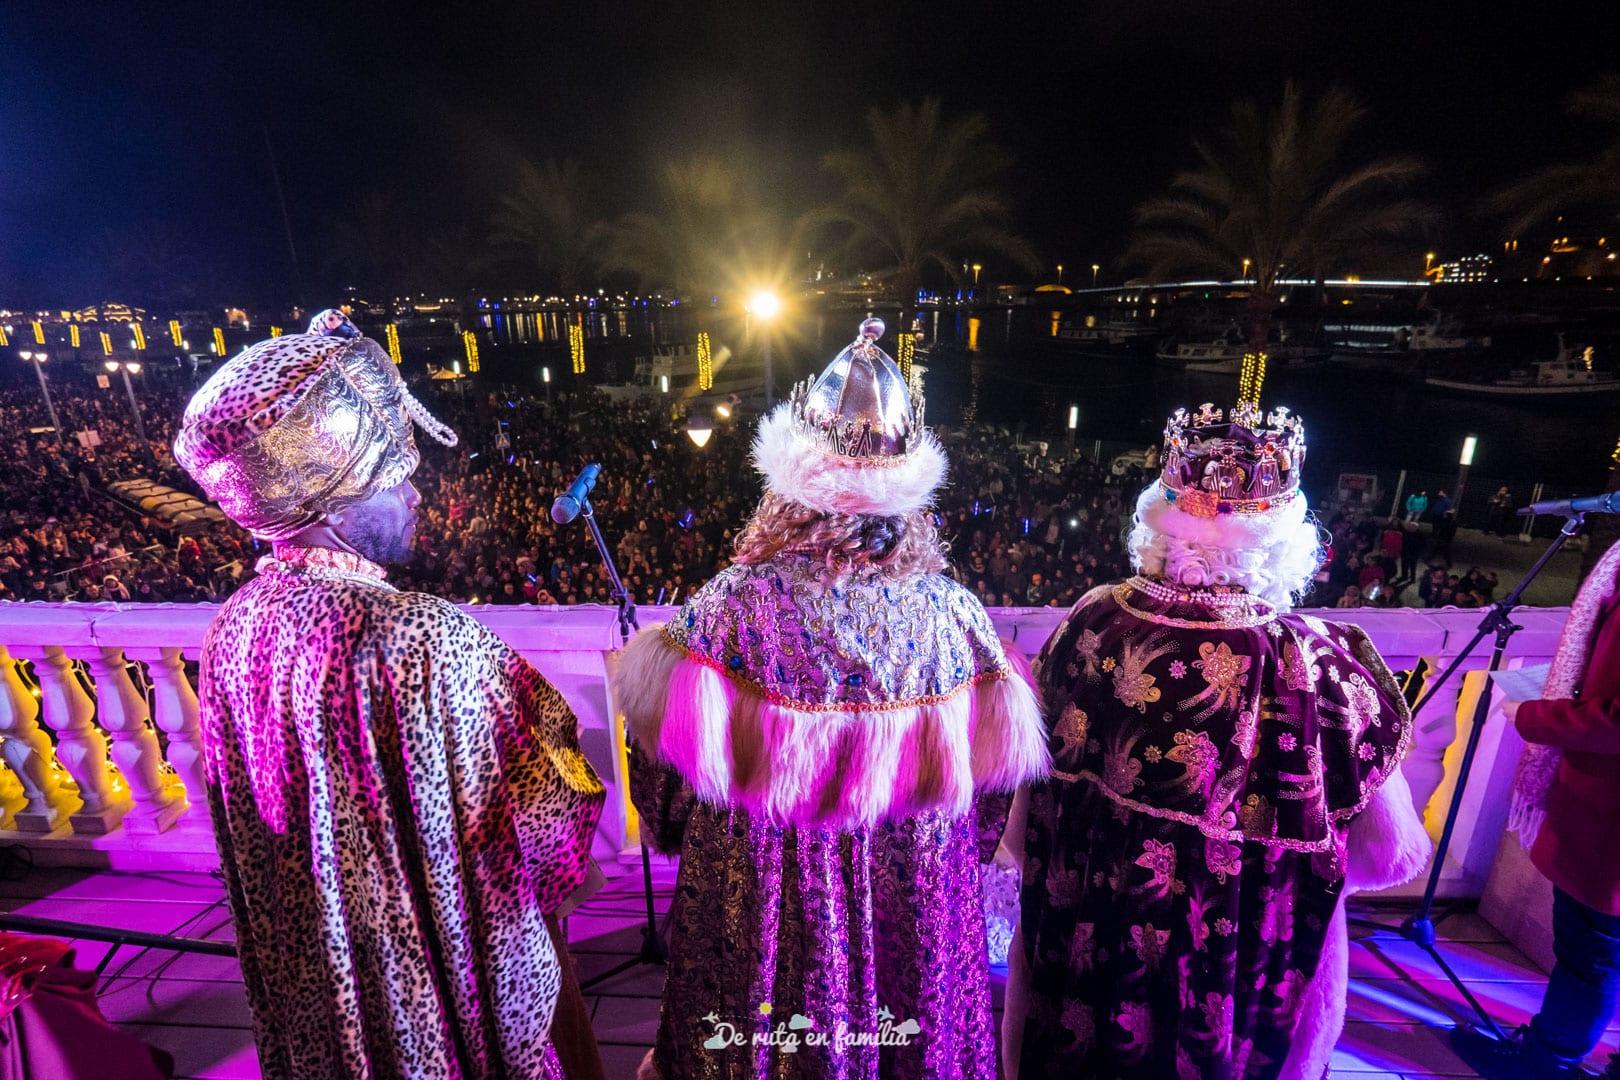 que hacer en tarragona tradiciones reyes magos navidad